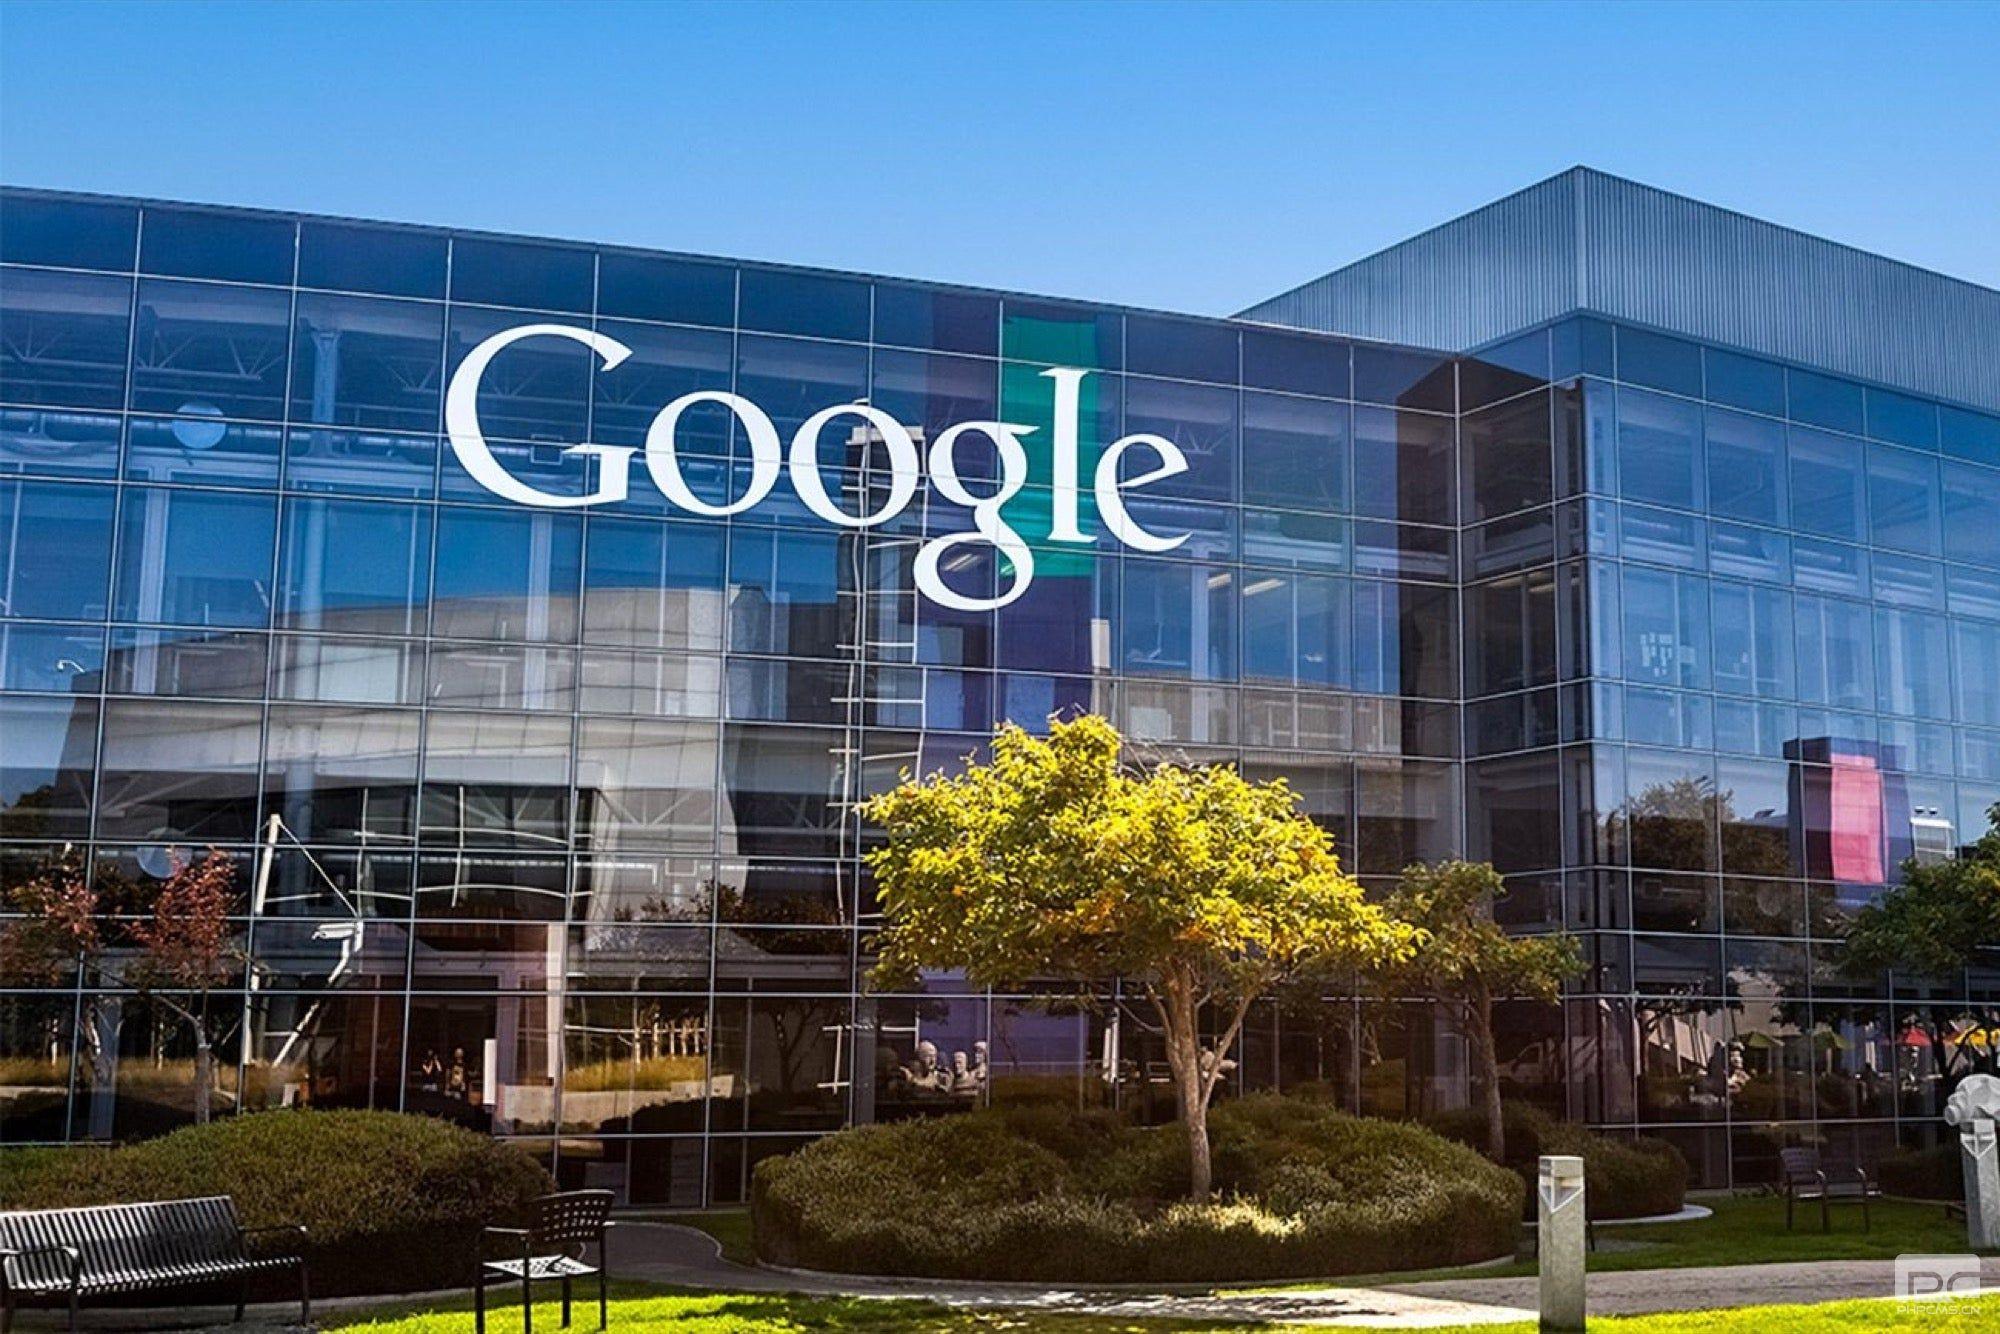 谷歌首席执行官在反托拉斯声明中说,谷歌搜索无处不在